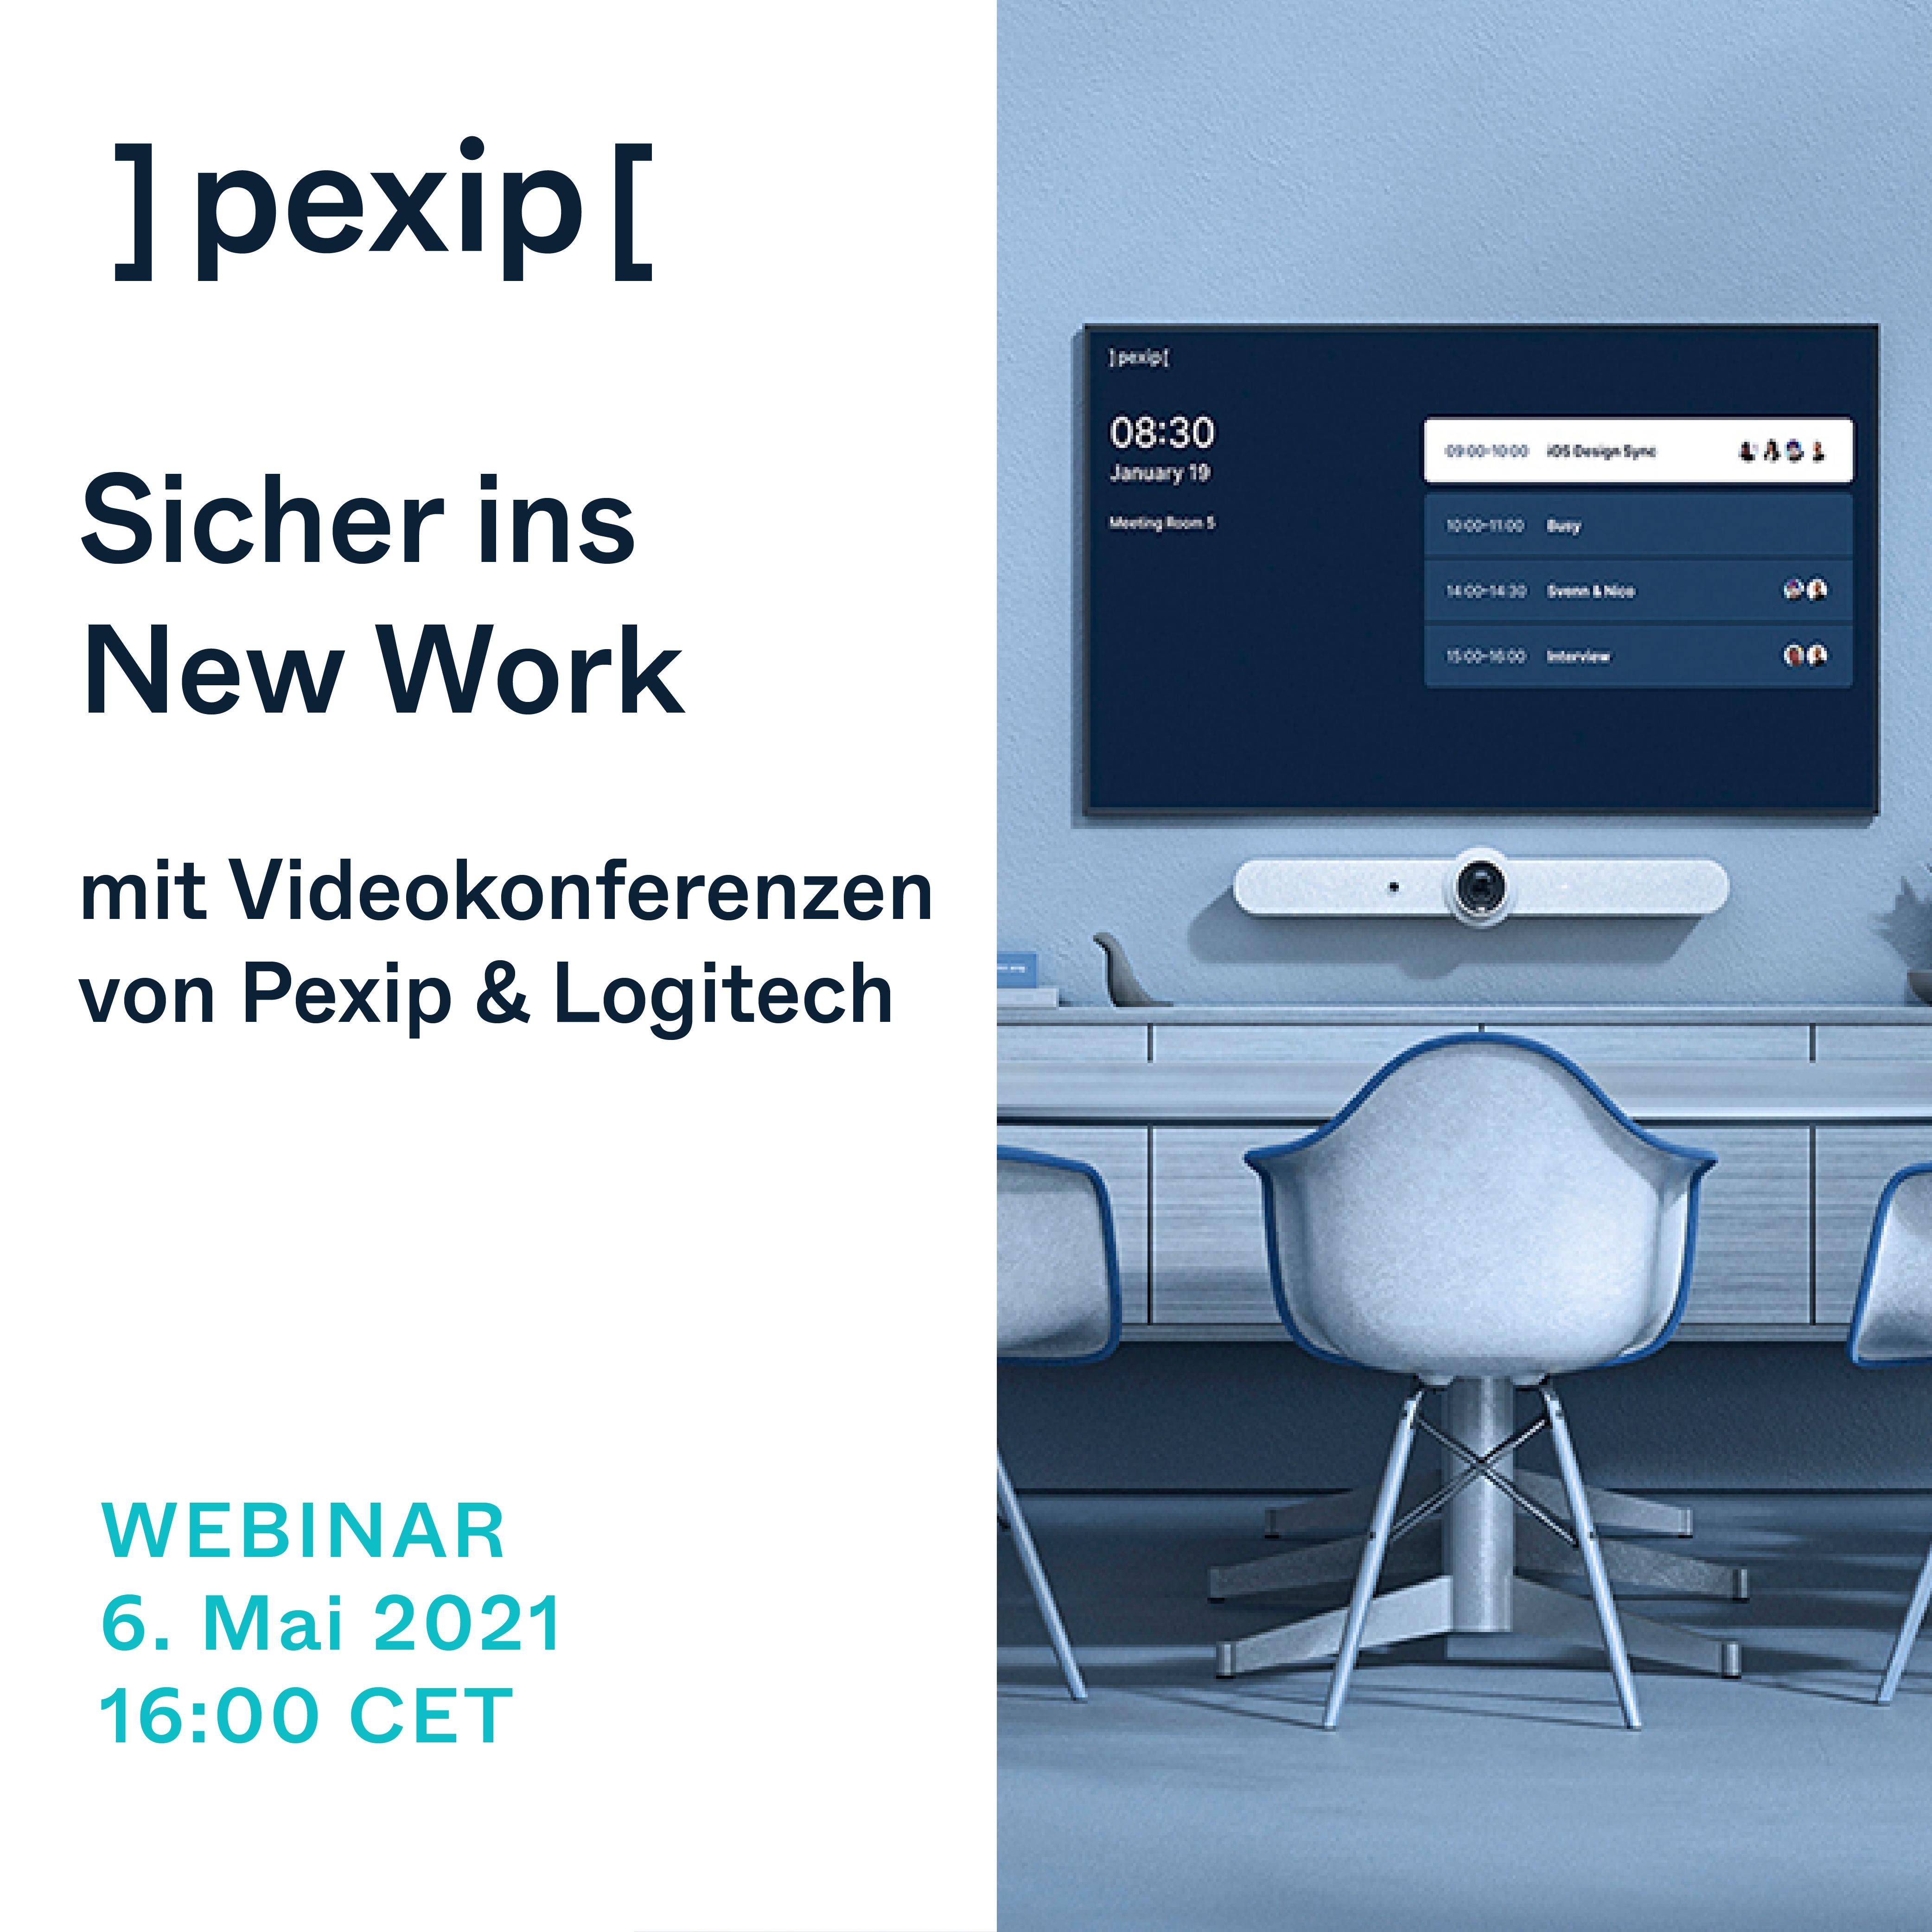 Sicher ins New Work - mit Videokonferenzen von Pexip & Logitech